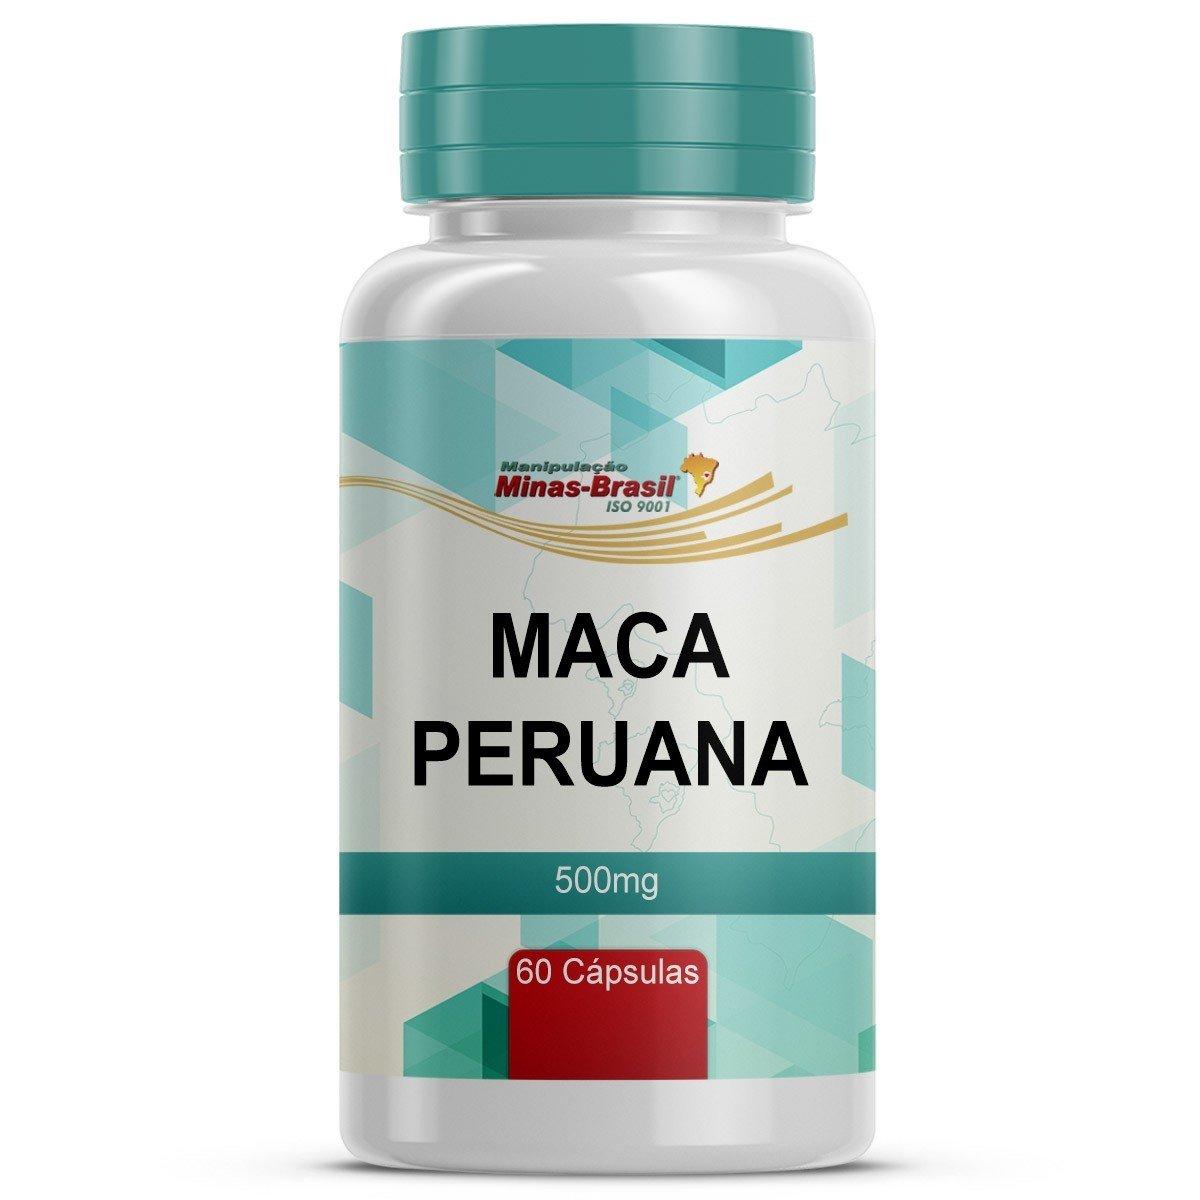 maca negra peruana